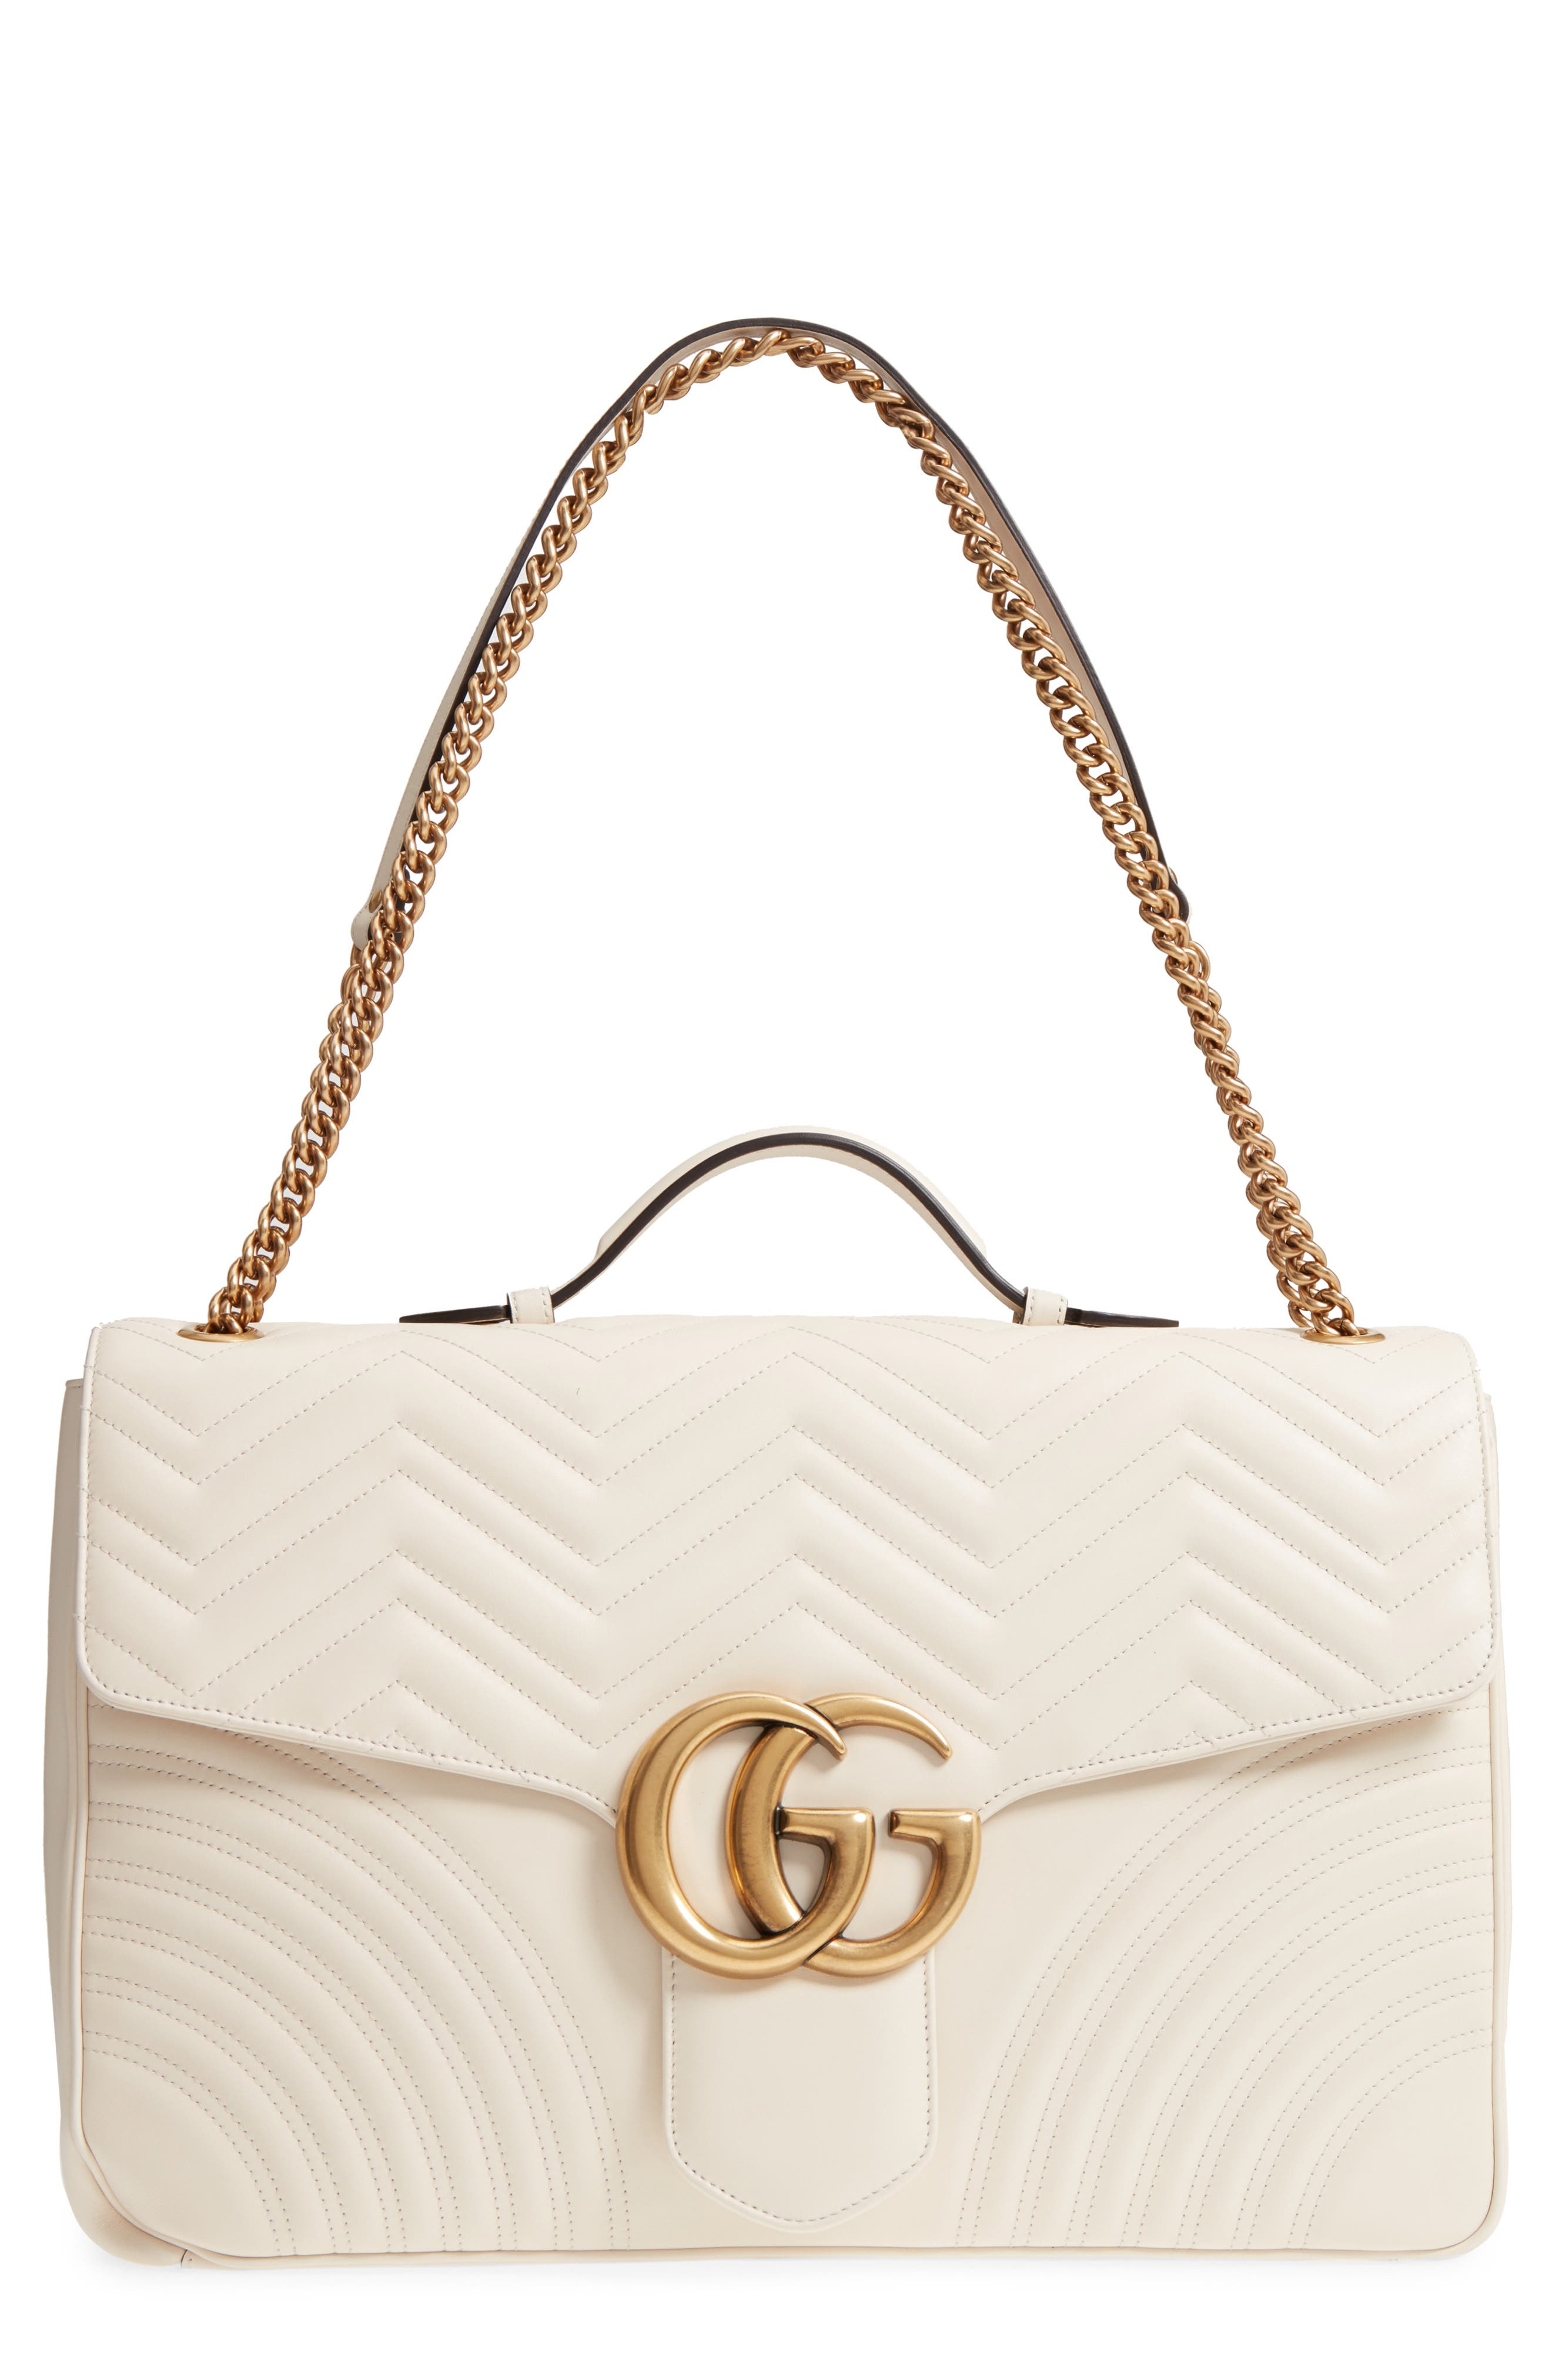 GG Marmont Maxi Matelassé Top Handle Shoulder Bag,                         Main,                         color, White